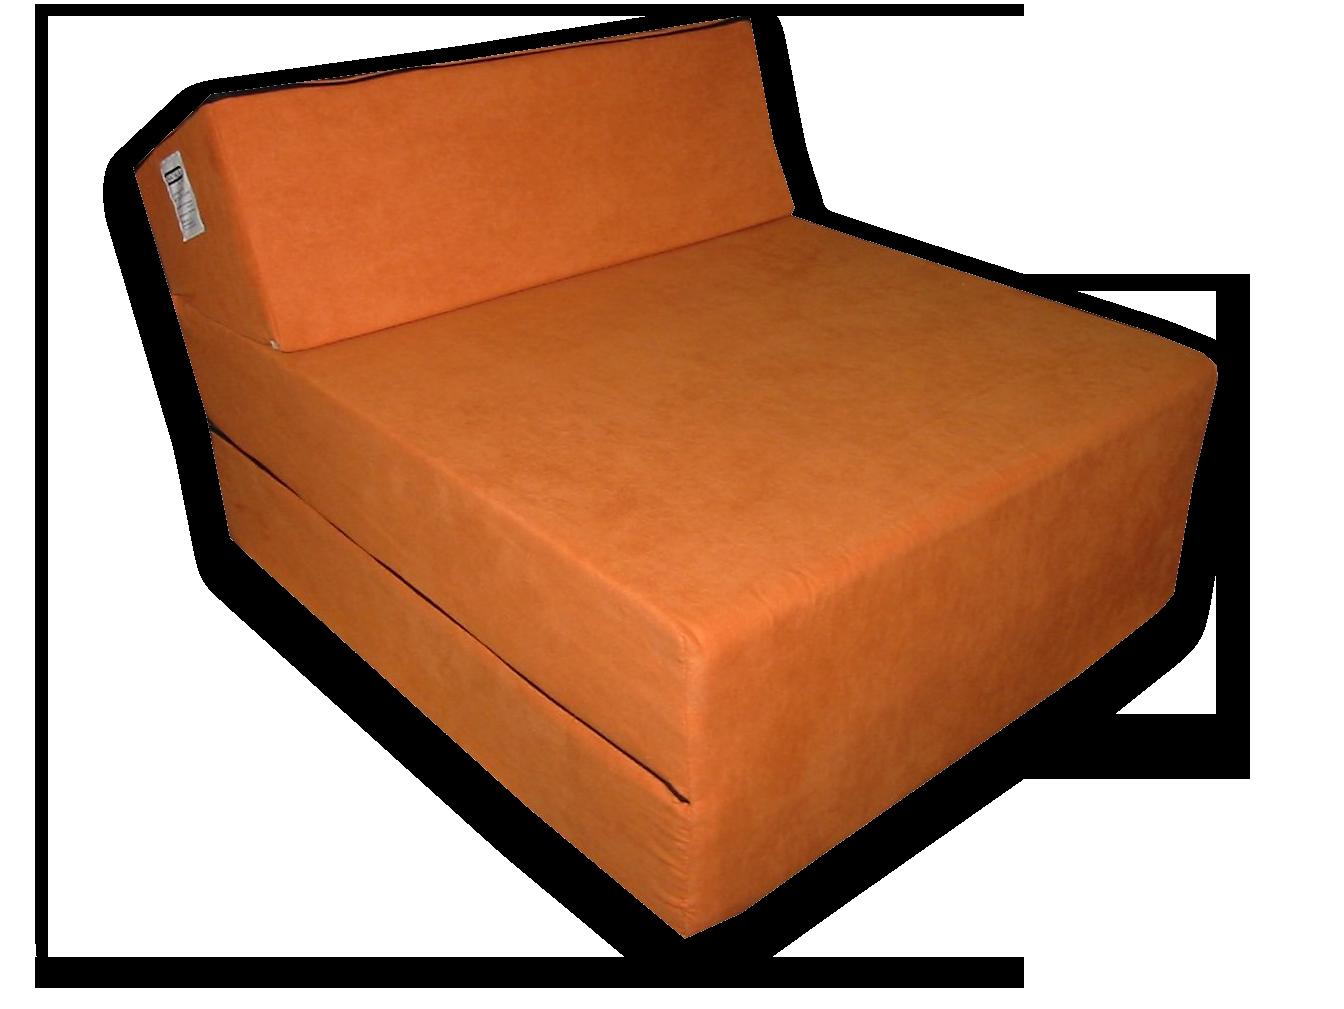 Natalia Dětské rozkládací křeslo - oranžové